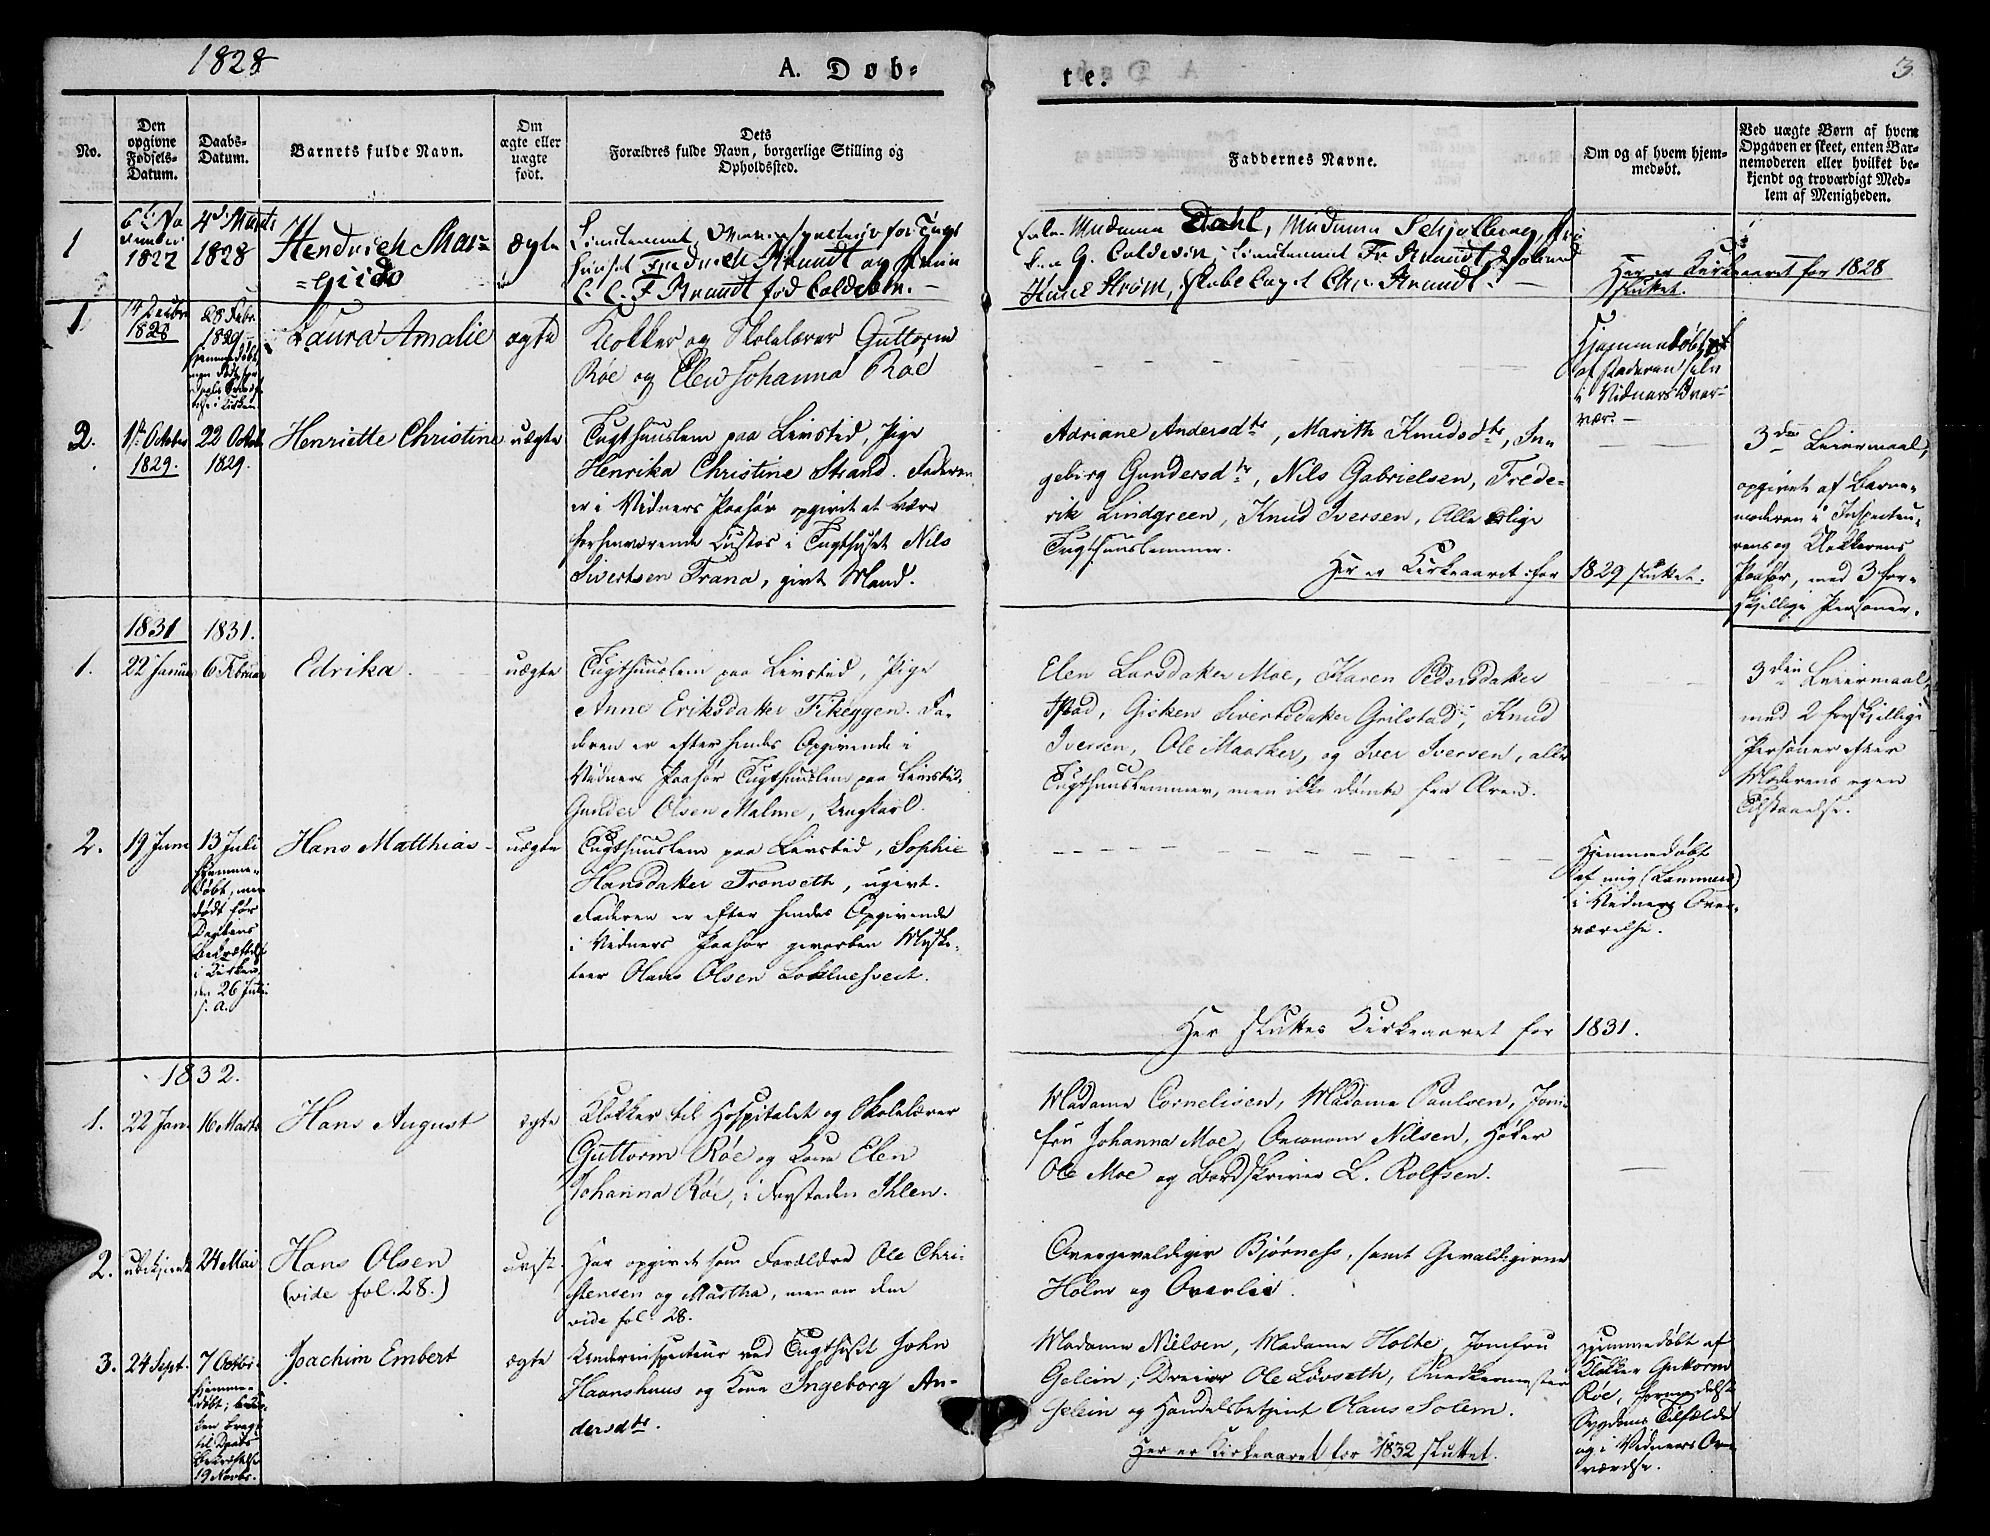 SAT, Ministerialprotokoller, klokkerbøker og fødselsregistre - Sør-Trøndelag, 623/L0468: Ministerialbok nr. 623A02, 1826-1867, s. 3